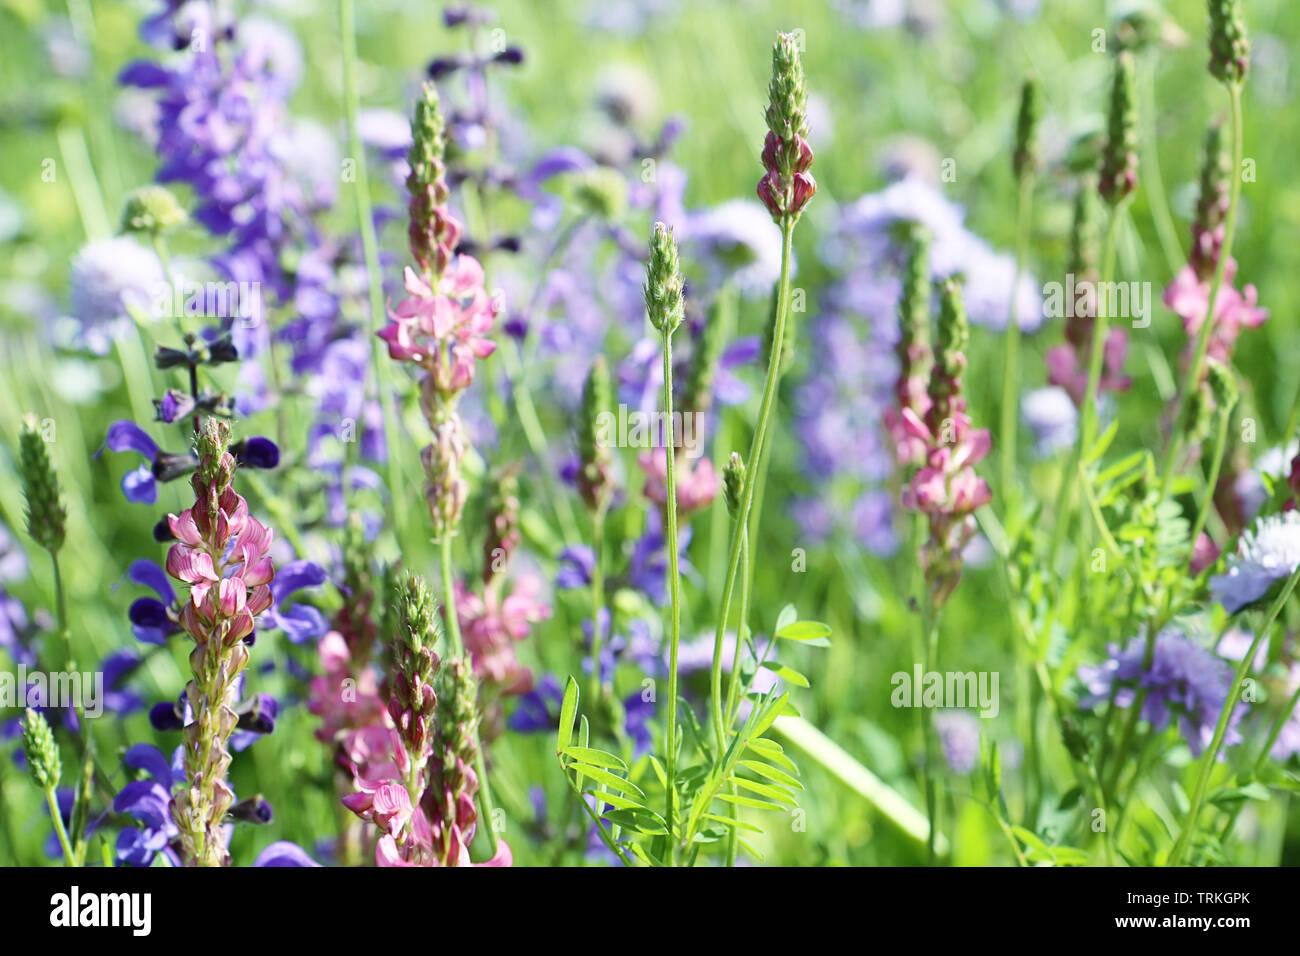 Close up de printemps spontanée et lupins violet rose fleurs d'un domaine rural coloré en pleine floraison. Nature fond, soft focus et blur Banque D'Images